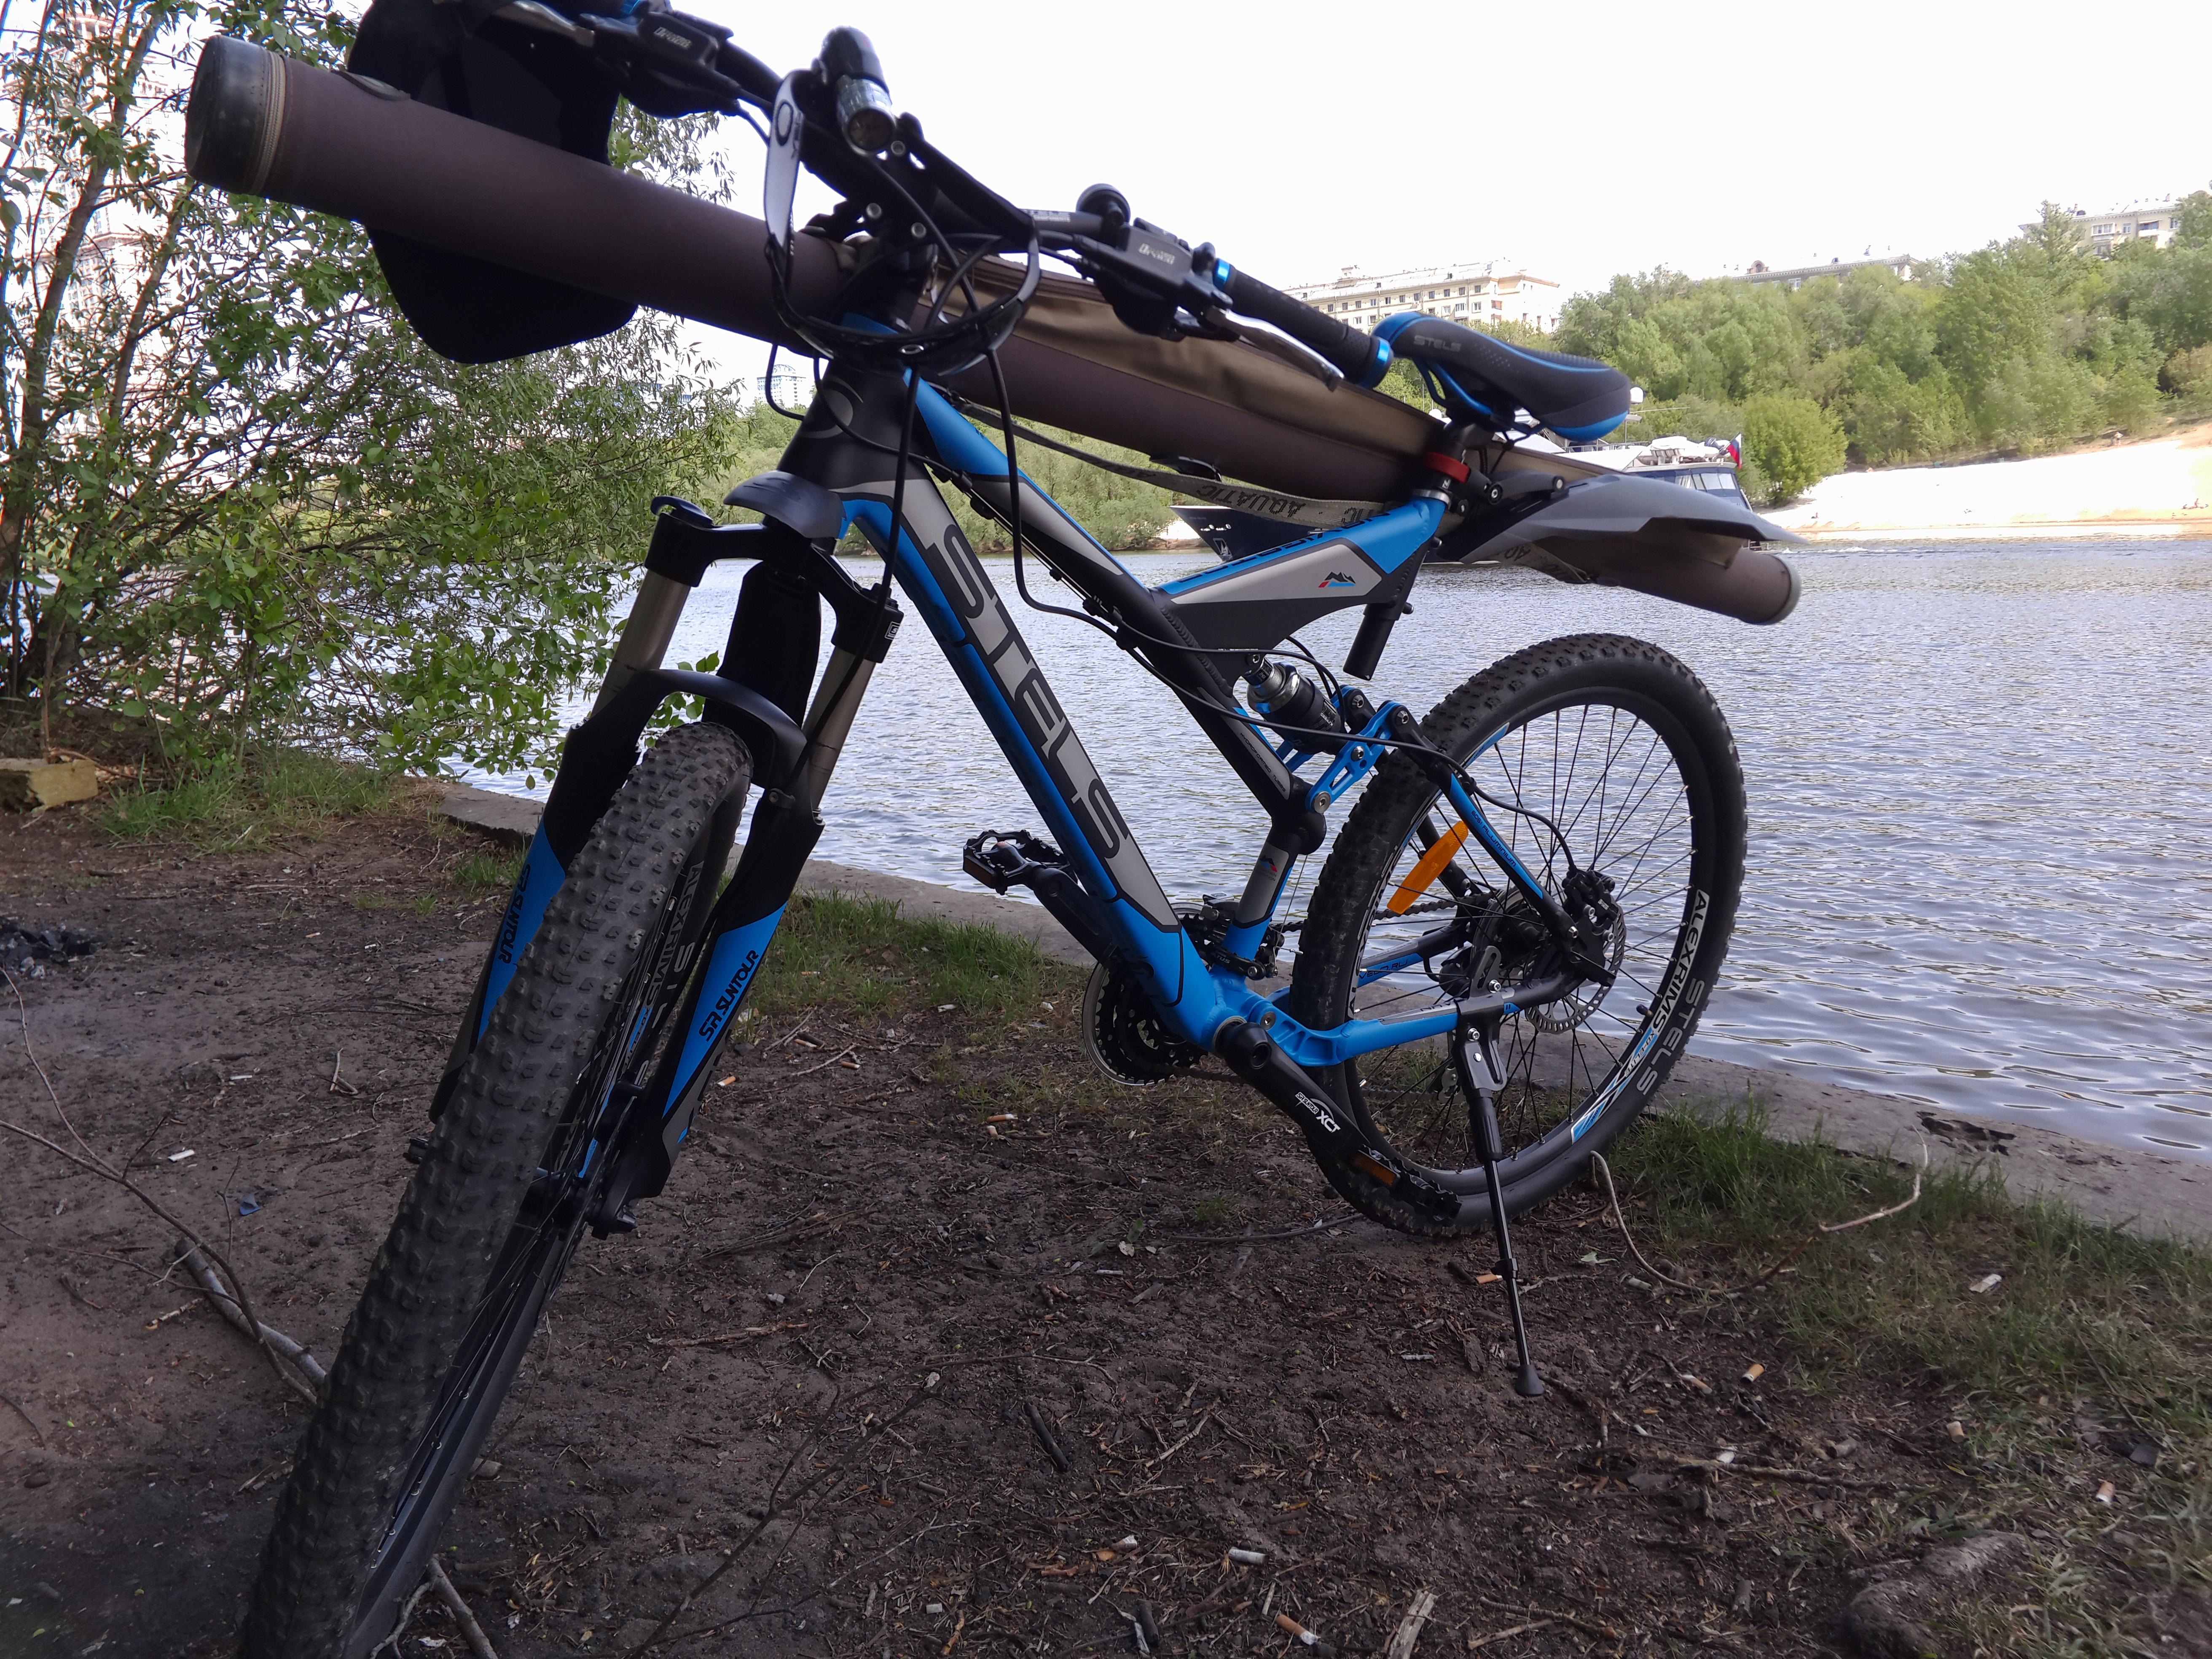 велосипед для рыбалки, велосипед для рыбалки купить, поездка на велосипеде на рыбалку, велосипед для охоты и рыбалки, горный велосипед, купить горный велосипед, какой горный велосипед, горный велосипед отзывы, скорость горного велосипеда, горные велосипеды 2017, тормоза горных велосипедов, вилка горного велосипеда, горный велосипед stels, горный велосипед стелс